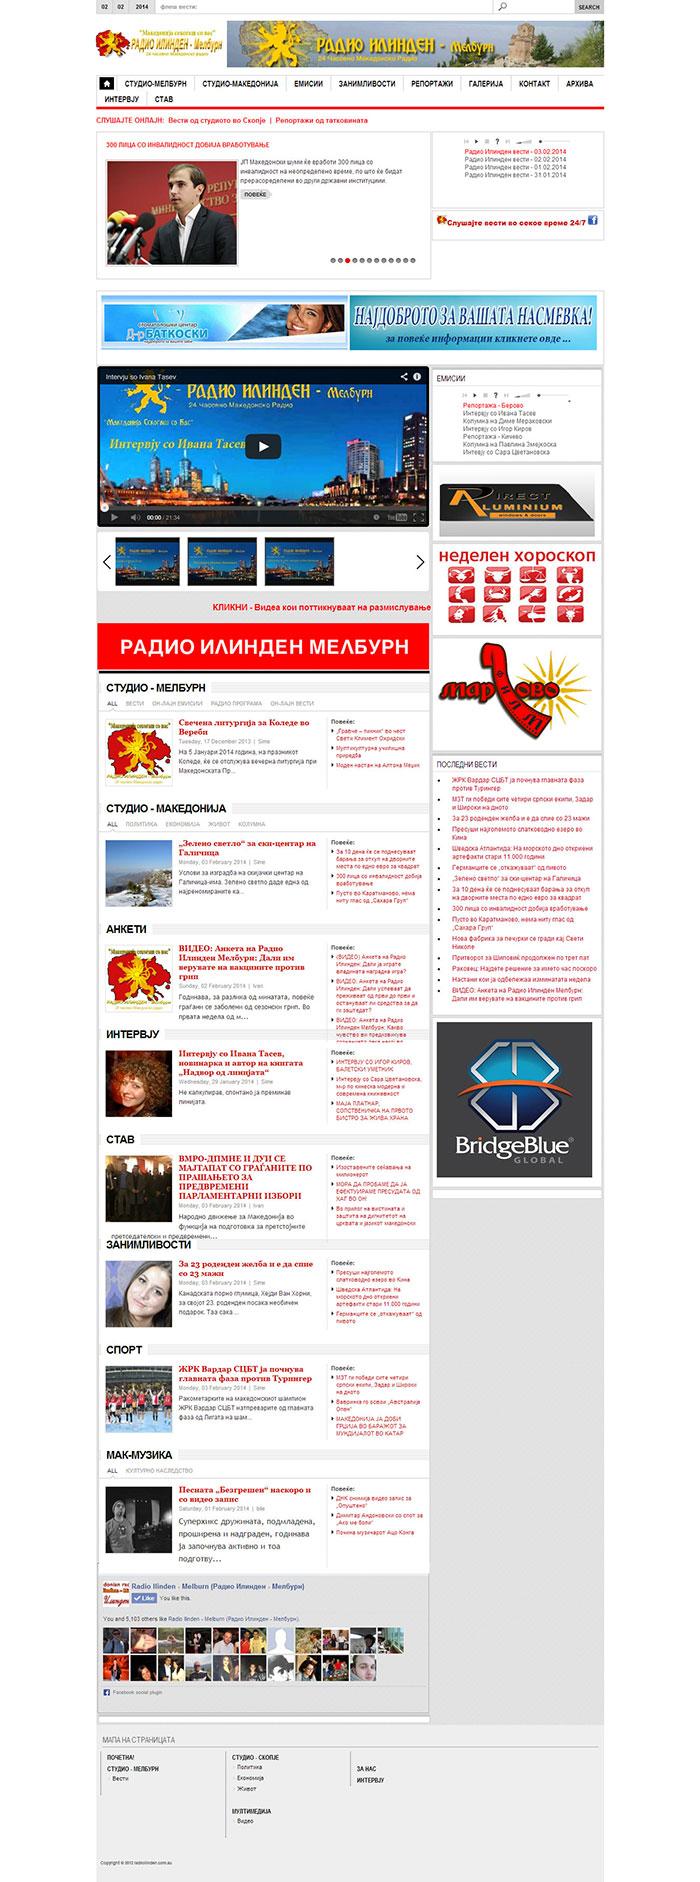 radioilinden.com.au